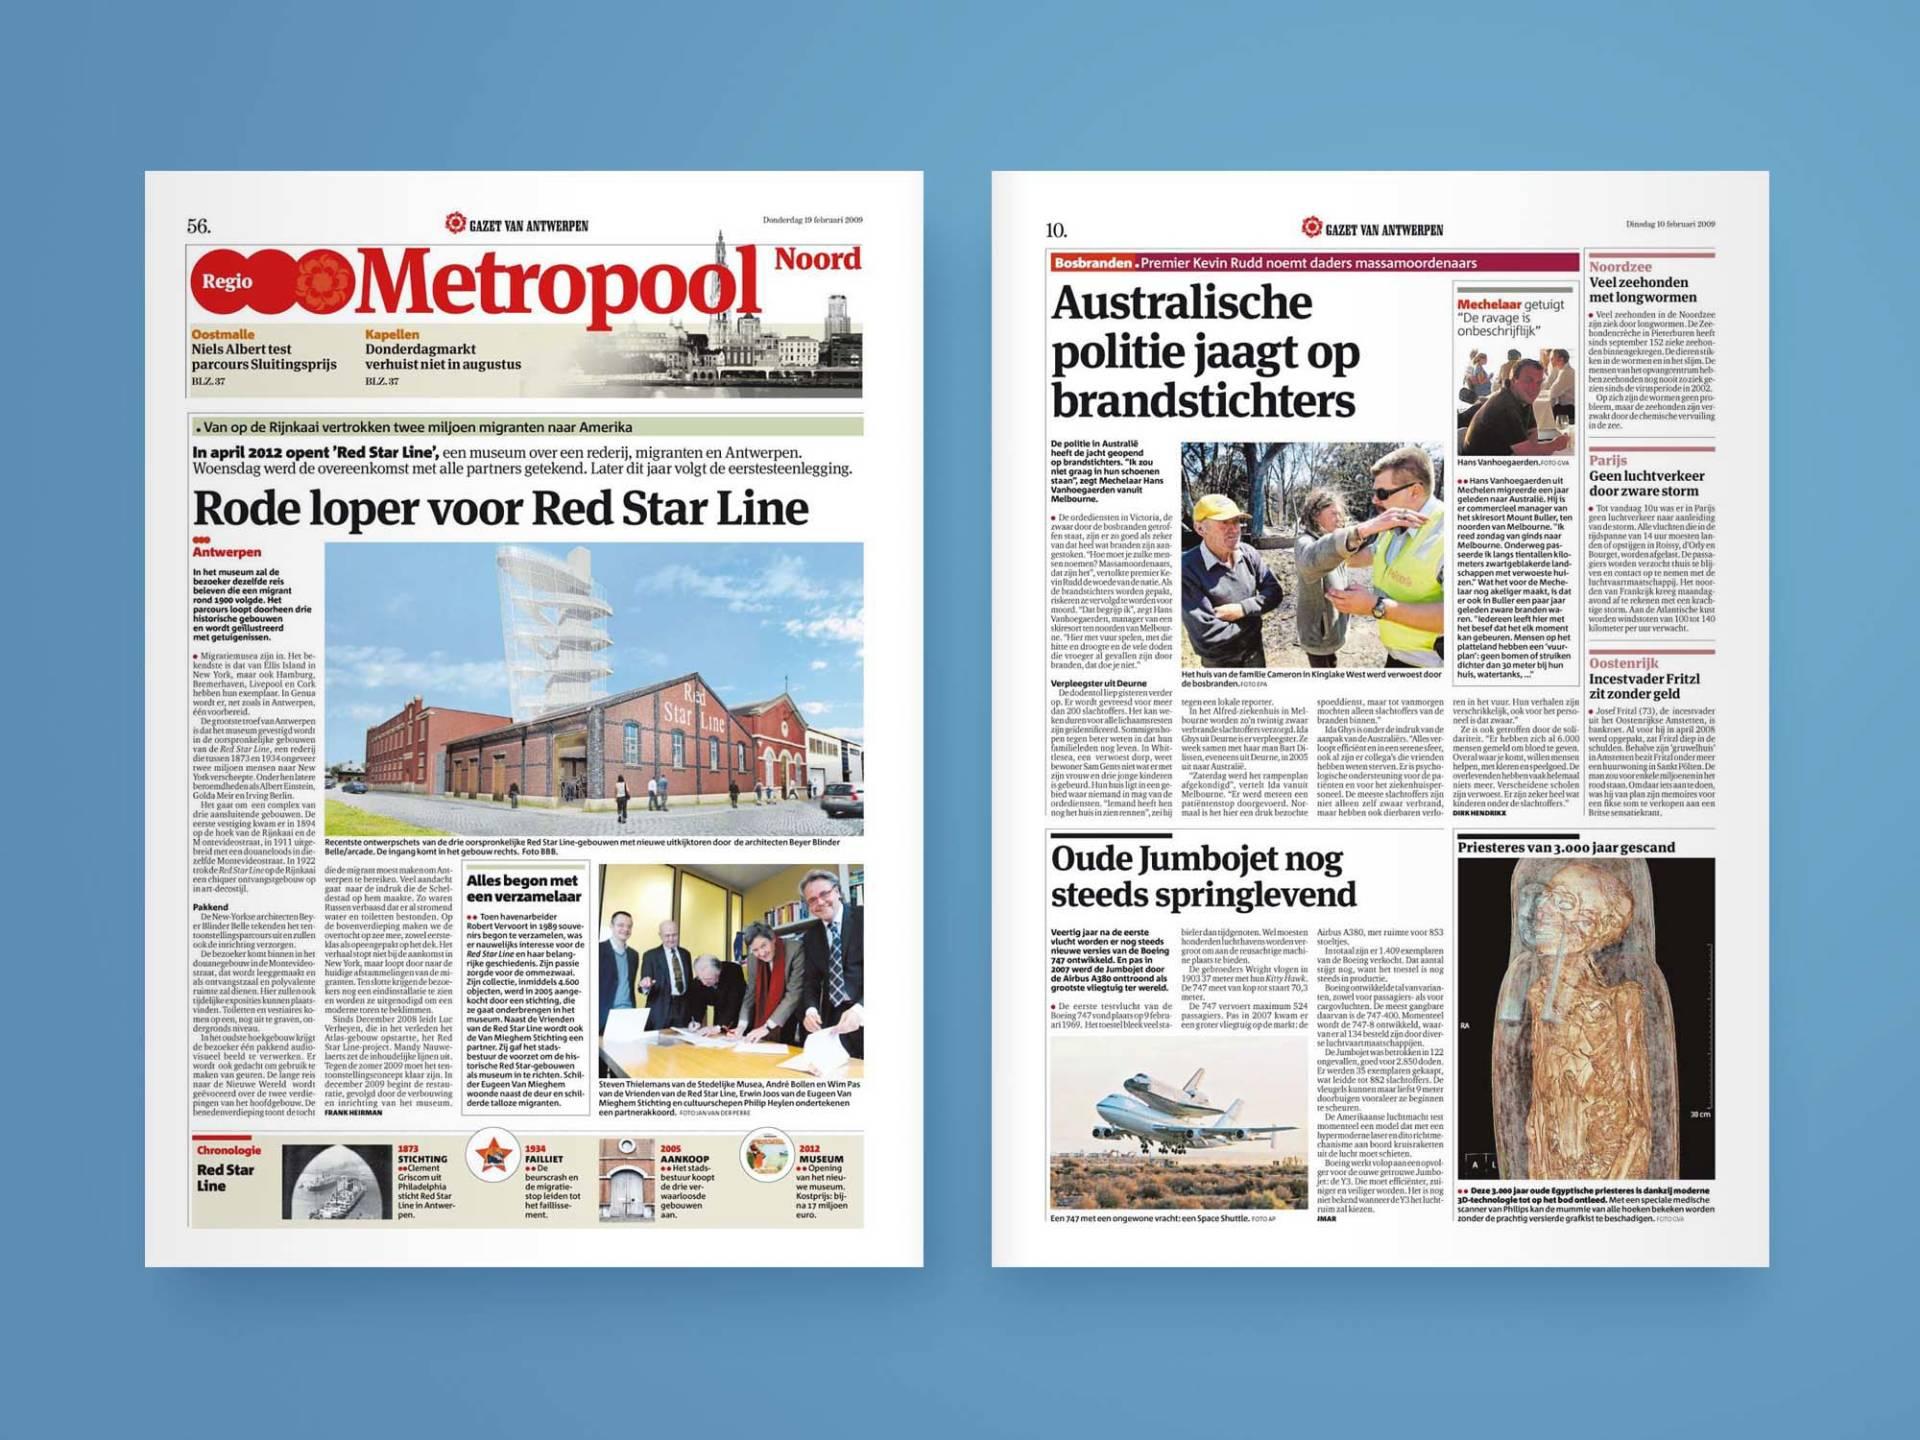 Gazet_Van_Antwerpen_03_Wenceslau_News_Design